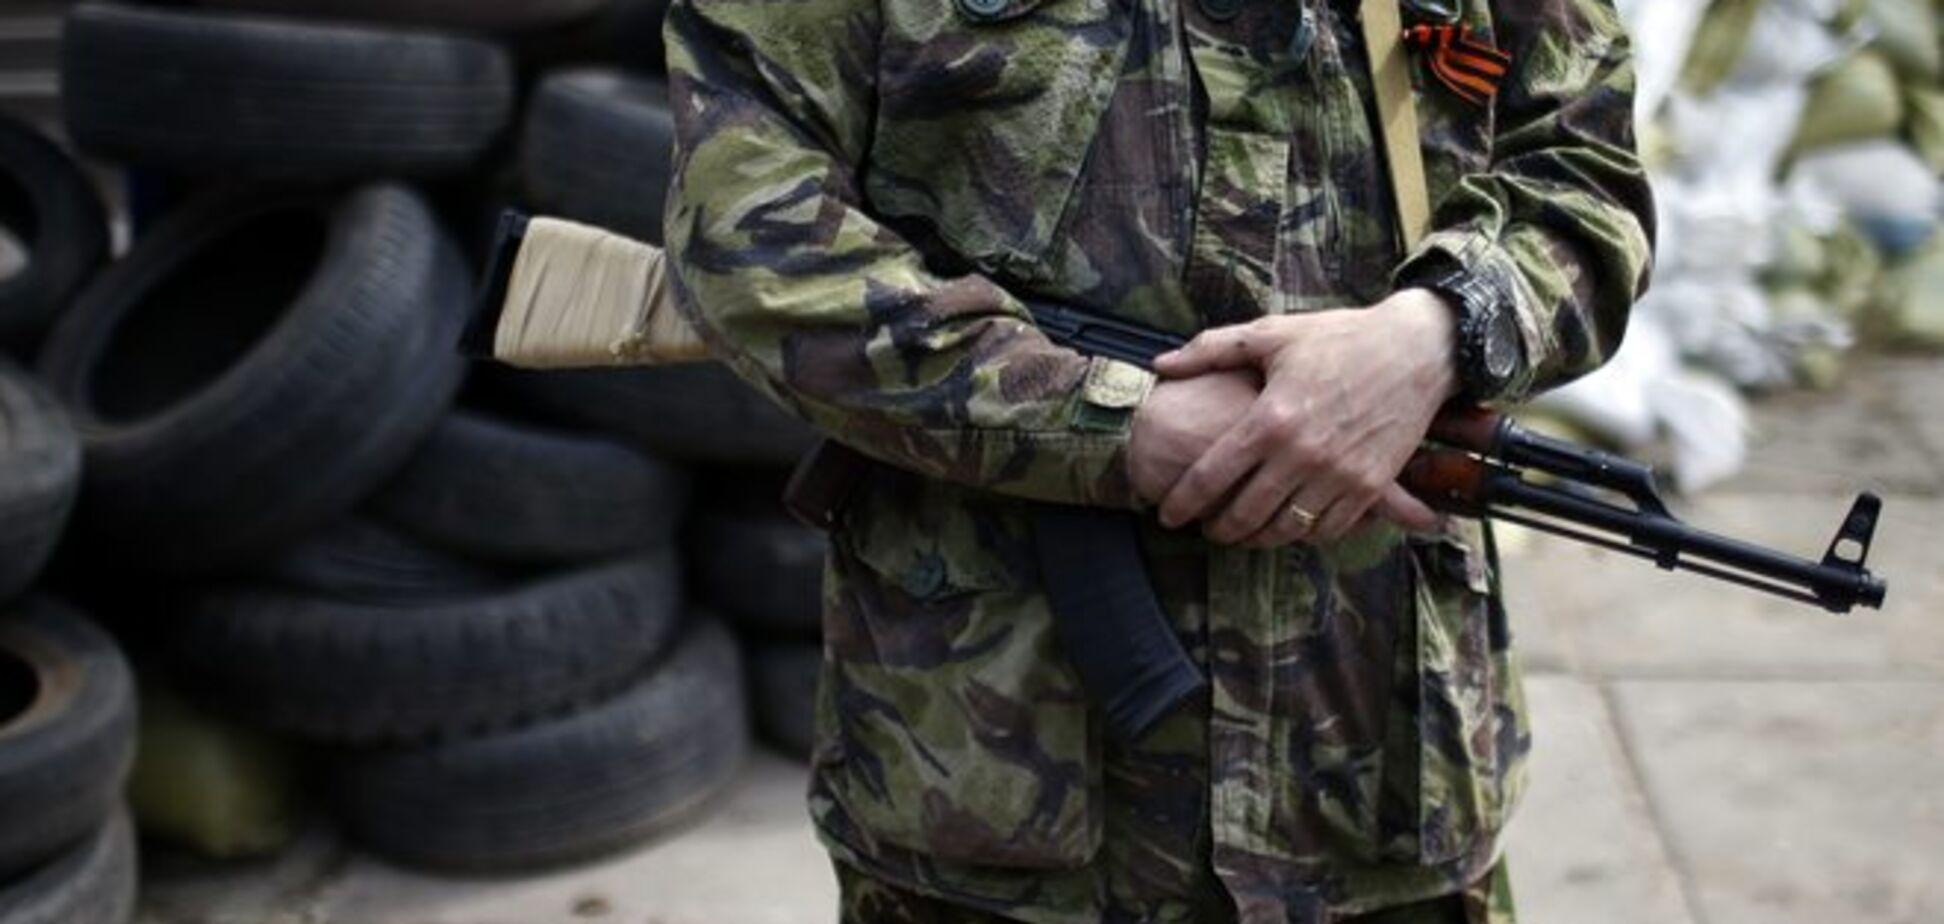 Террористы изменили тактику боевых действий: избегают прямых столкновений - Селезнев